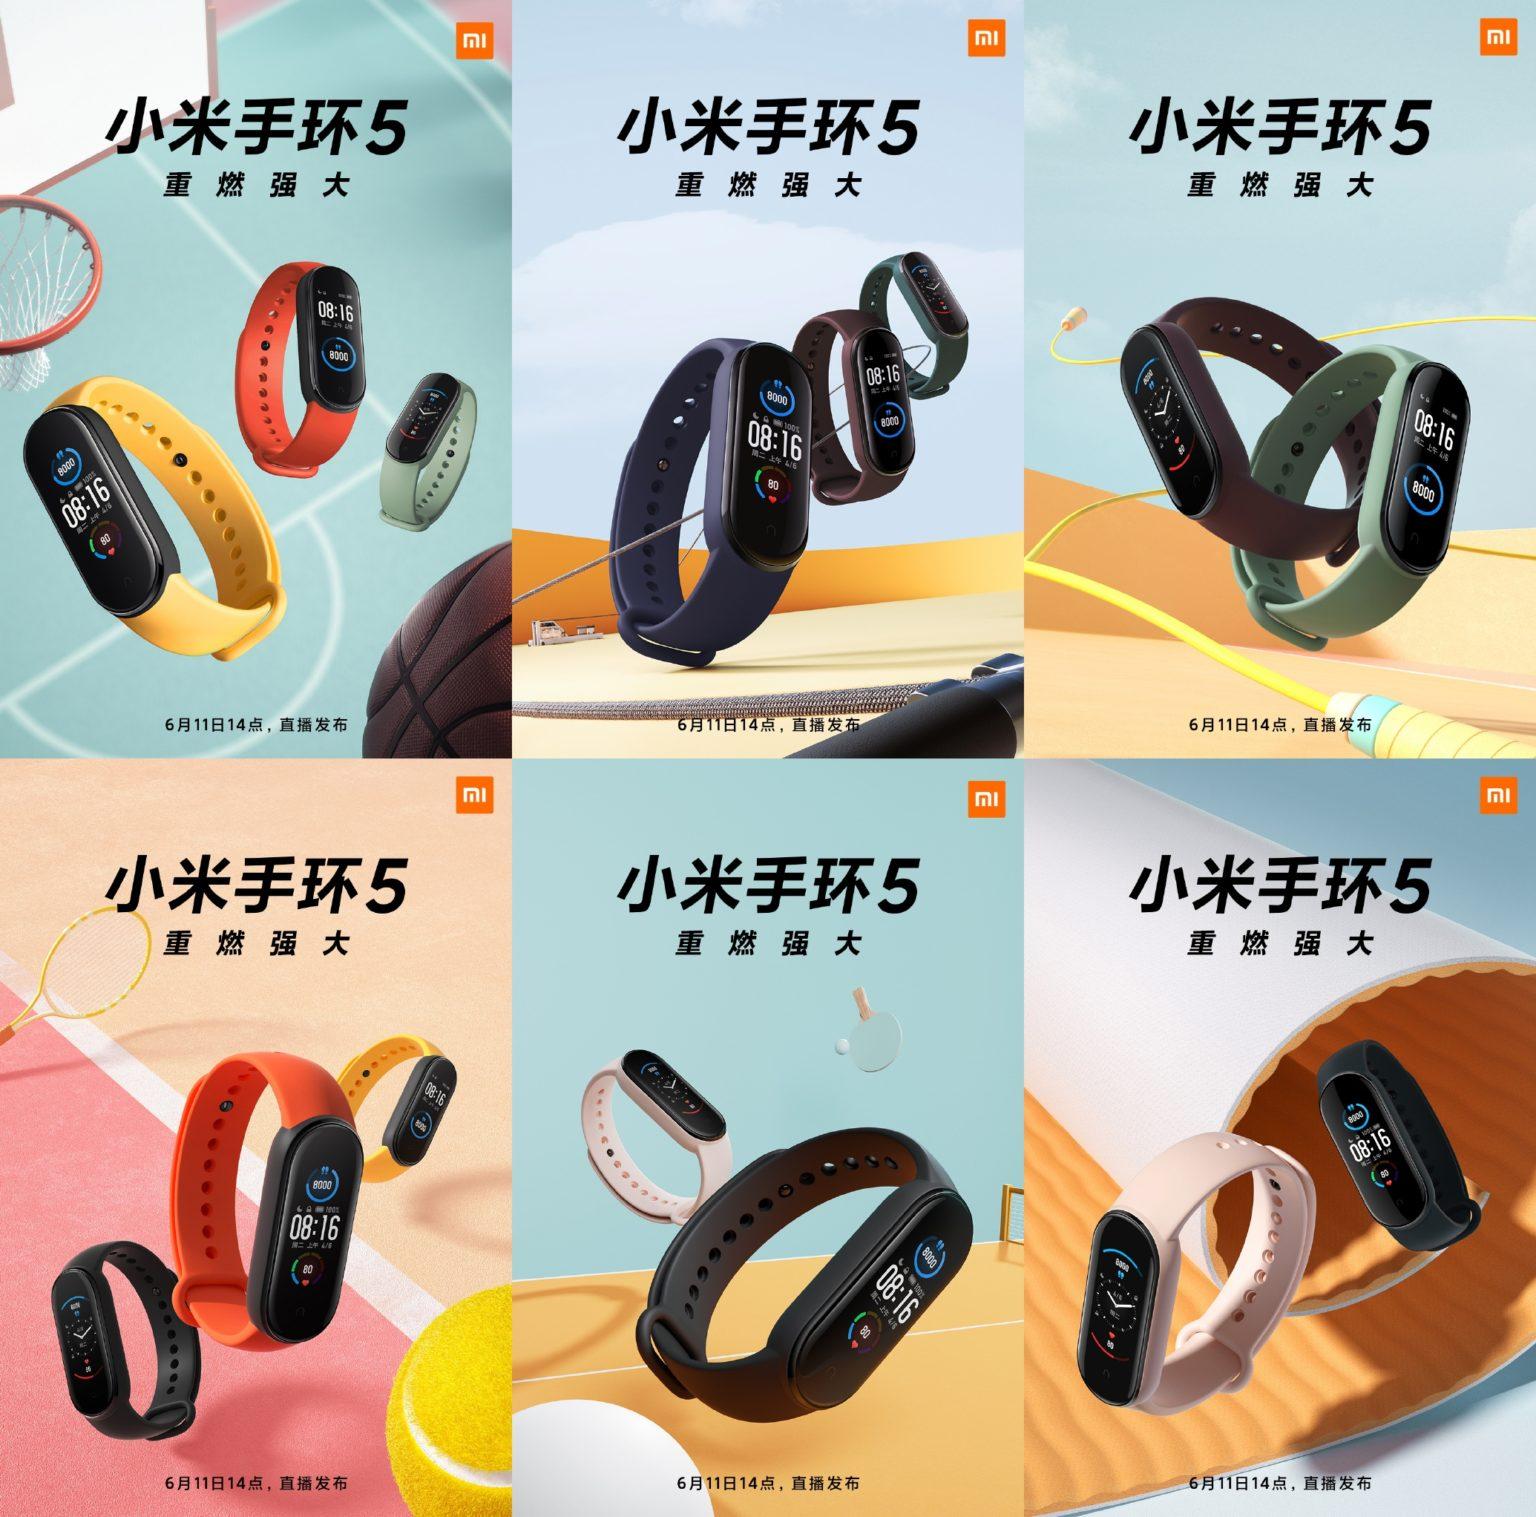 Modos de deporte de la Xiaomi Mi Band 5